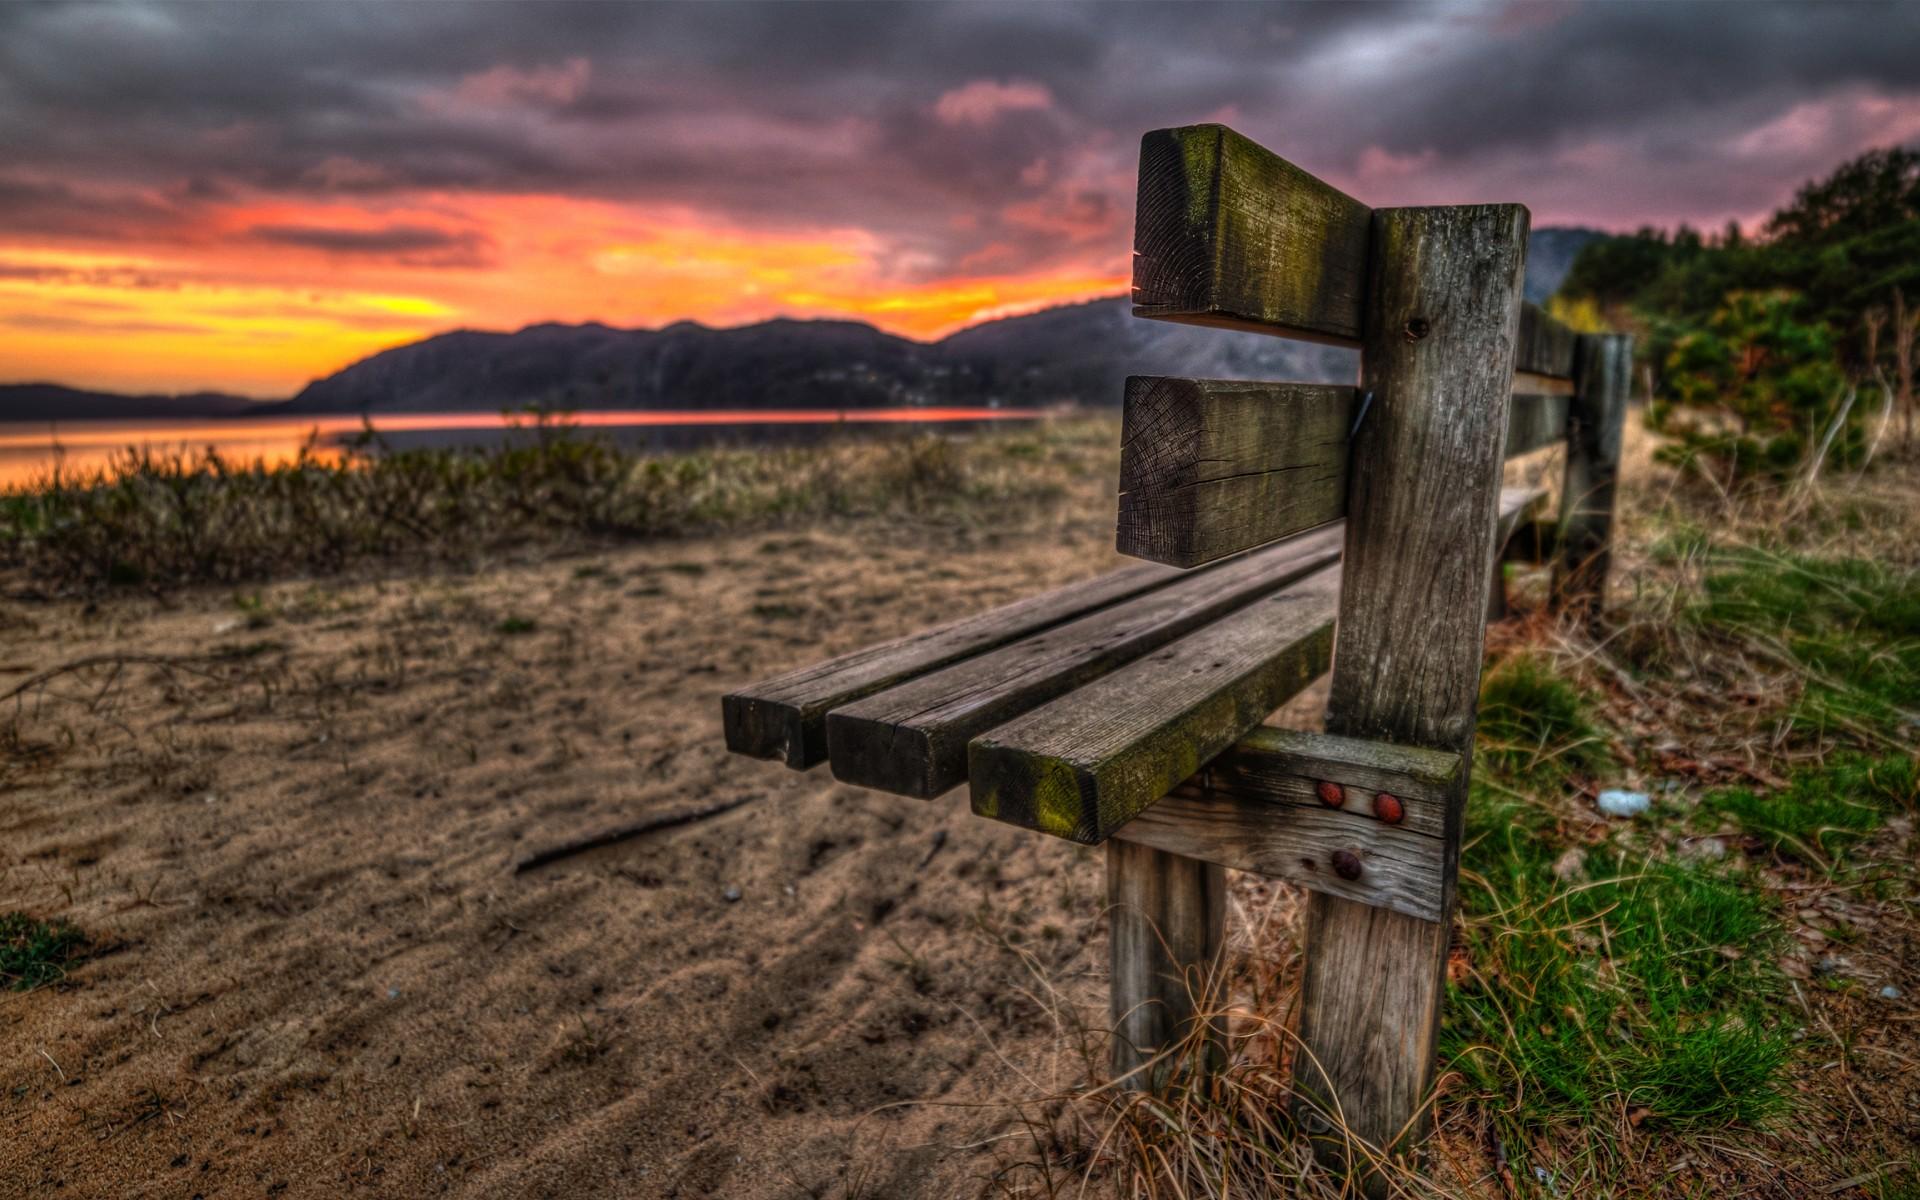 孤独的长椅唯美风景壁纸